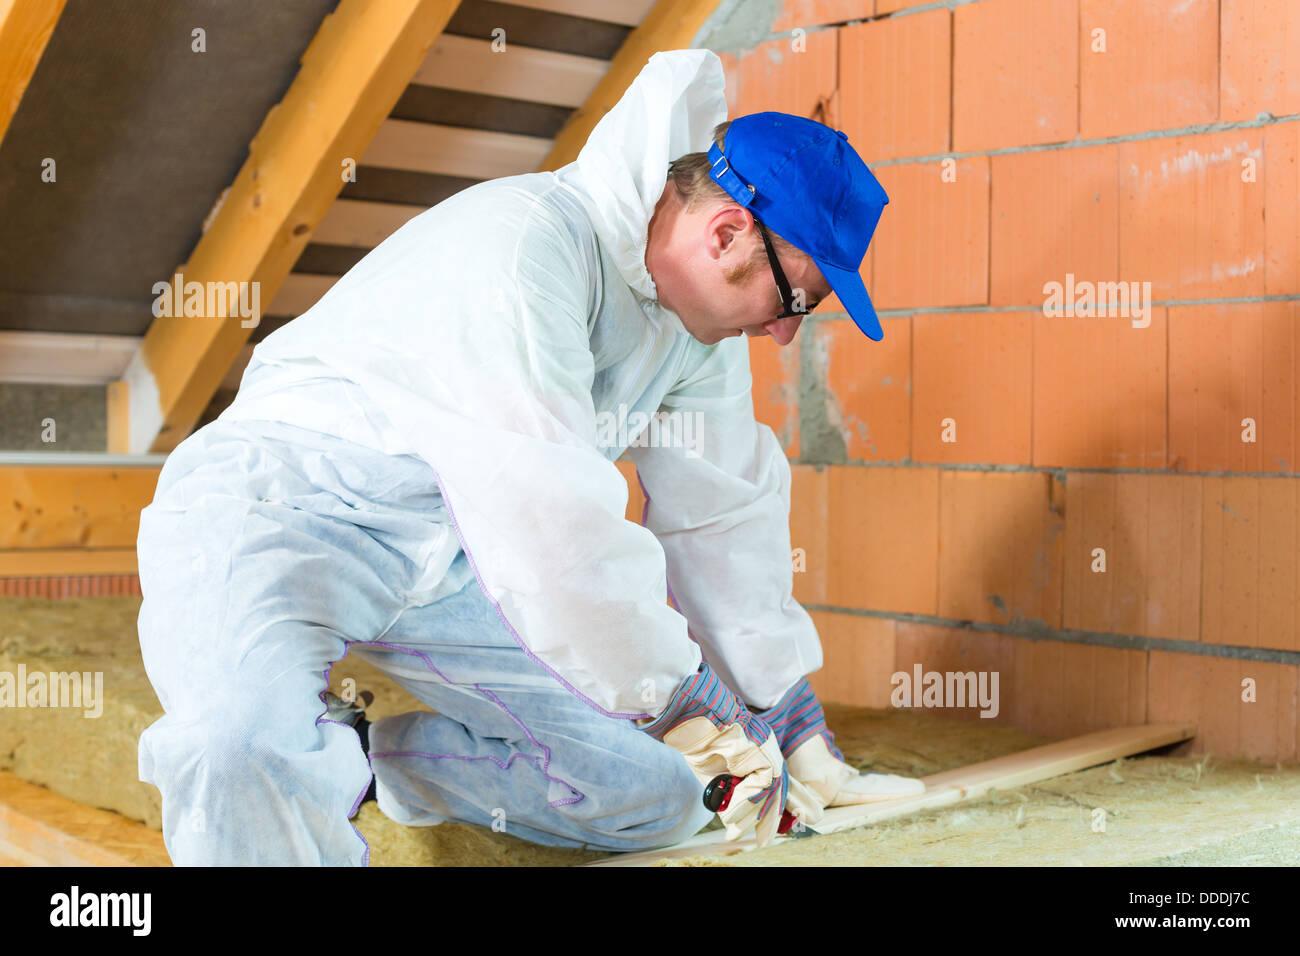 Arbeitnehmer insgesamt ist isolierendes Material mit Handschuhen und Messer schneiden. Stockbild